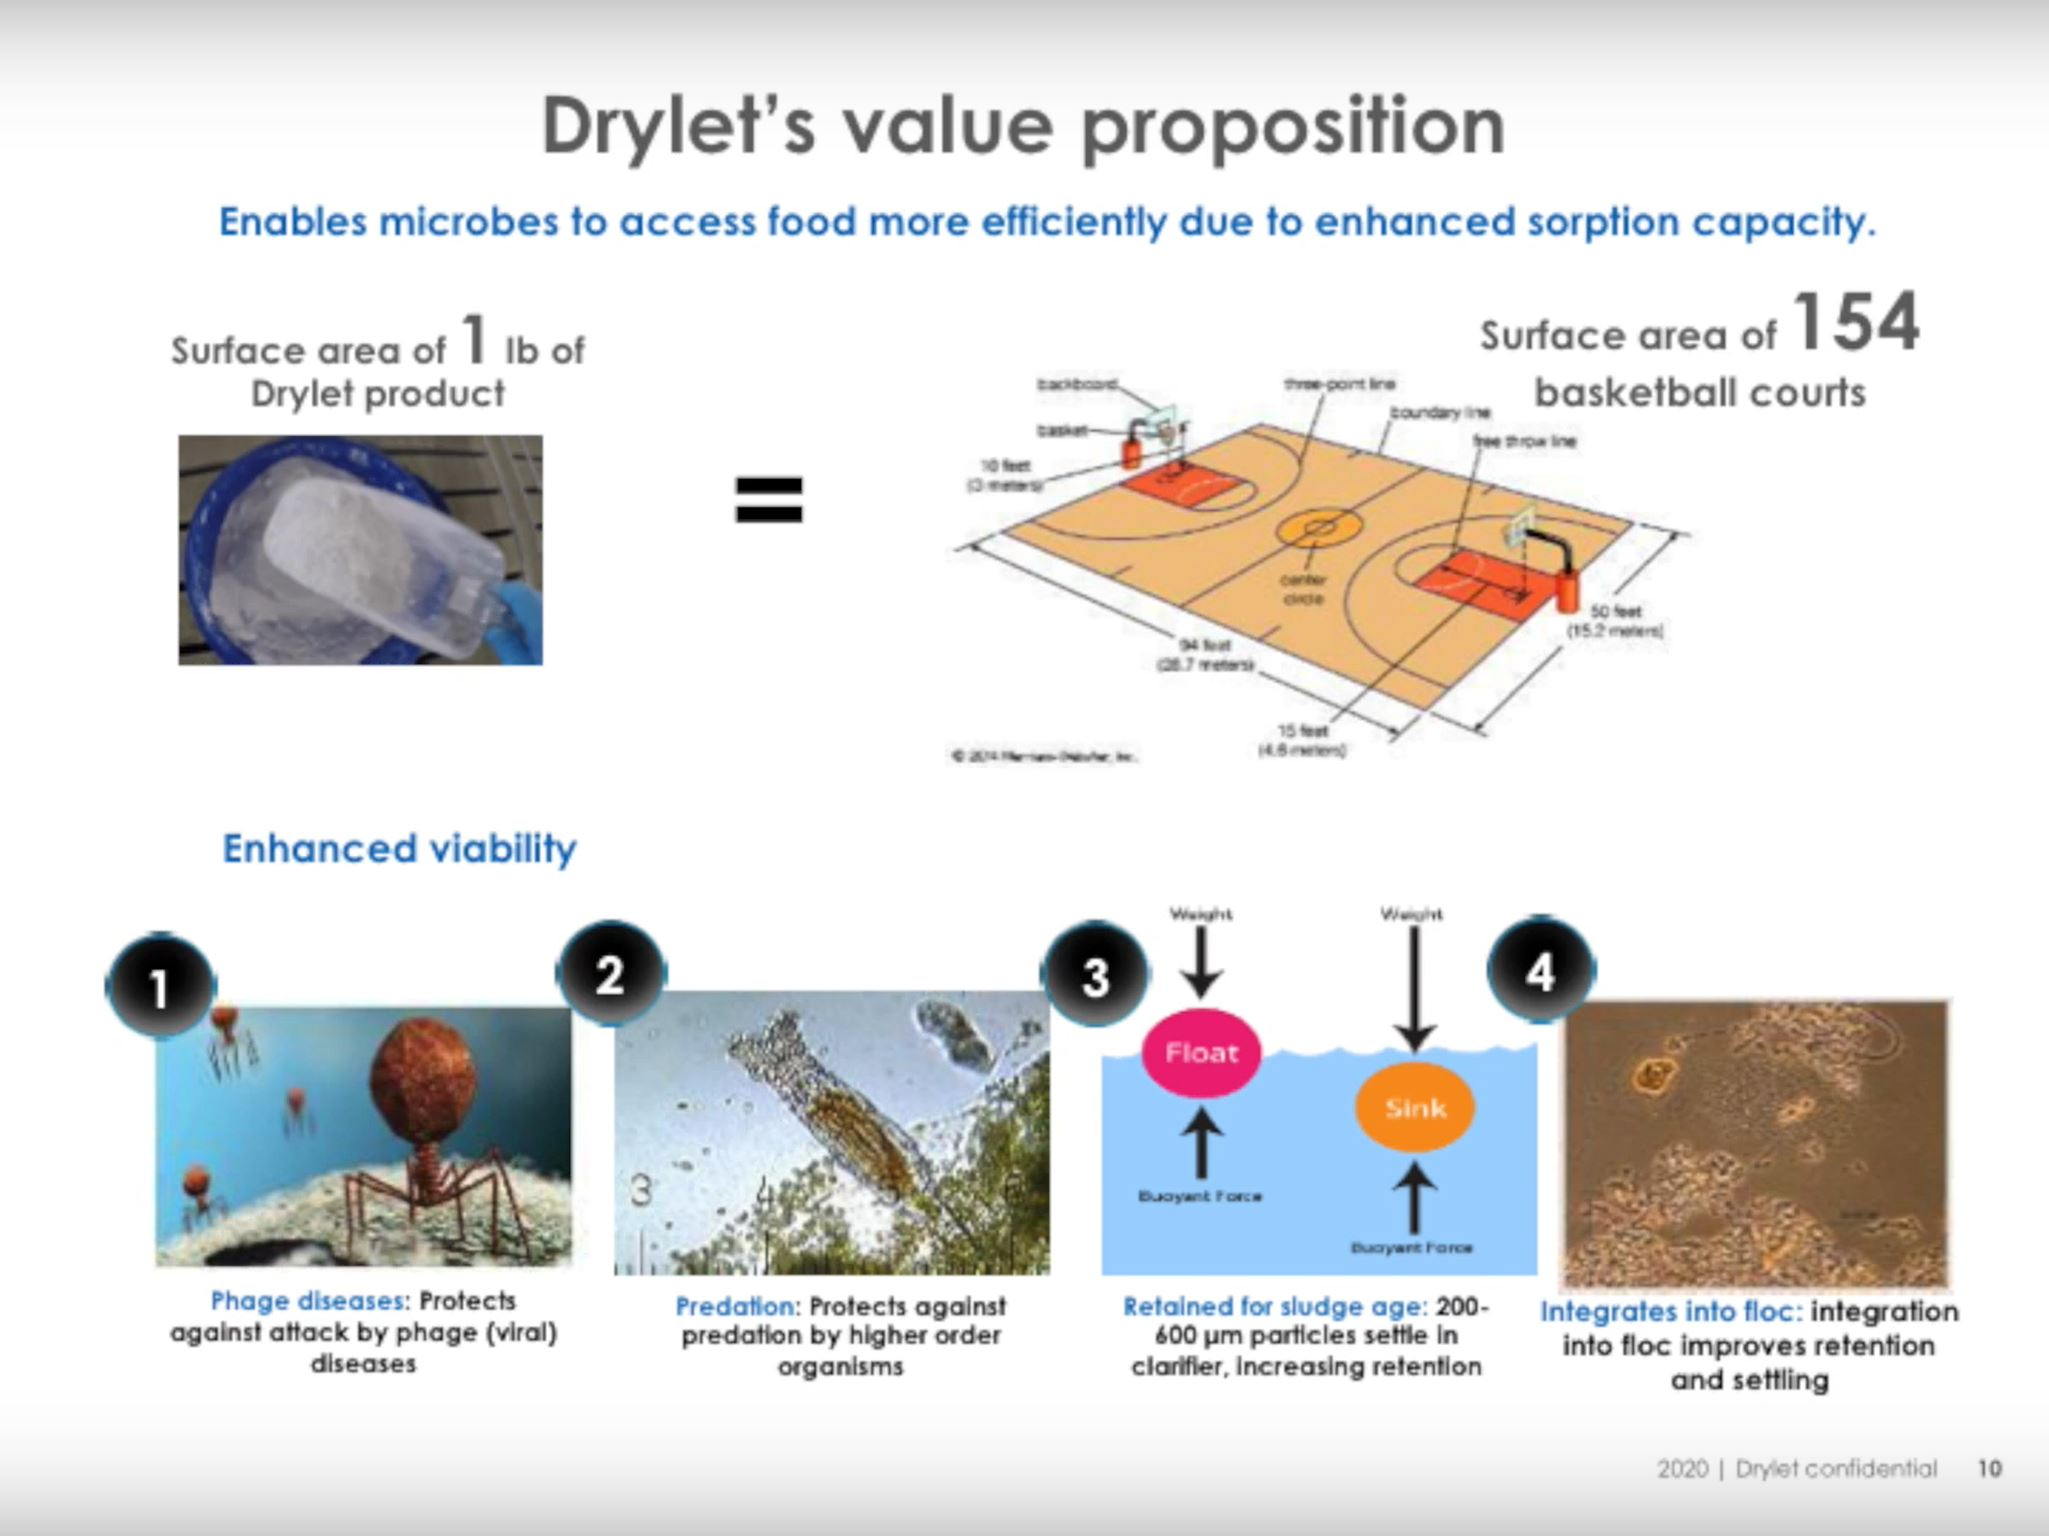 Optimize biogas production using Drylet's biocatalyst